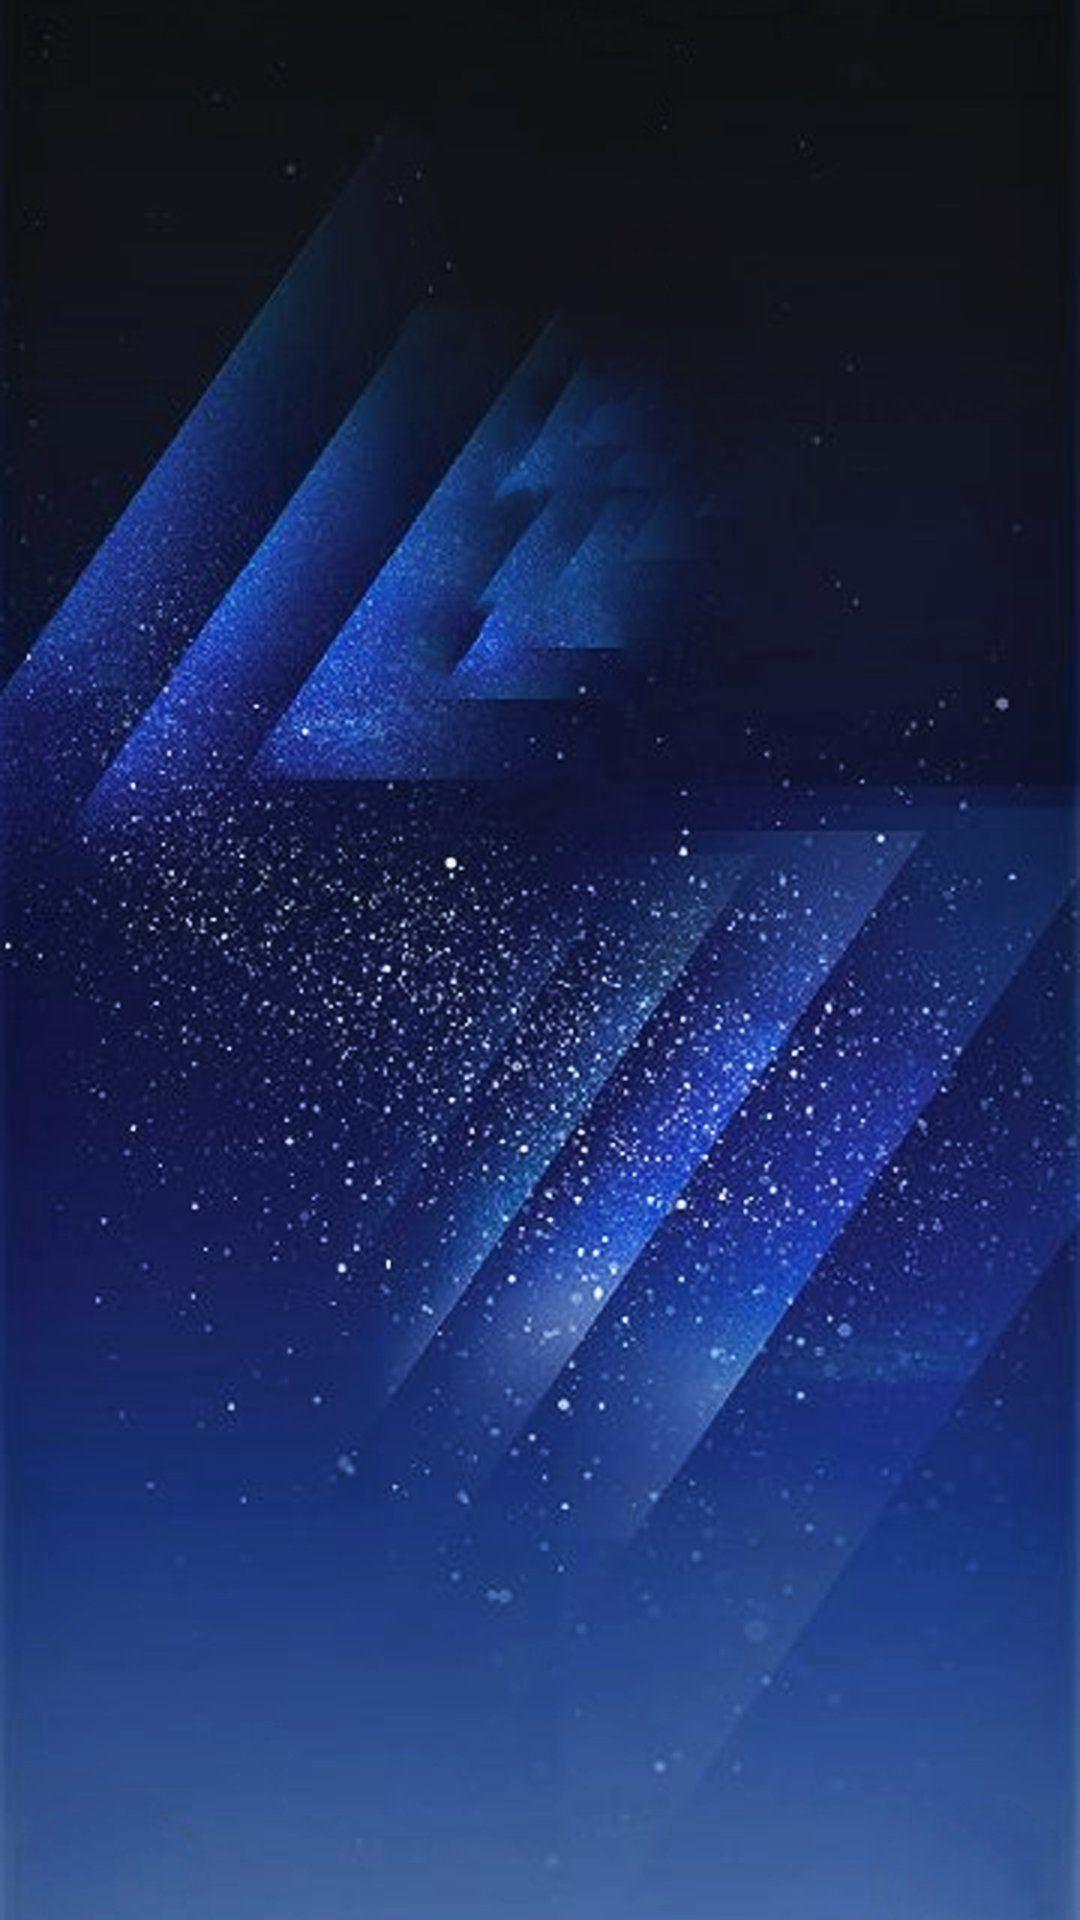 خلفيات شاشة موبايل سامسونج Samsung Galaxy S8 Plus Galaxy S8